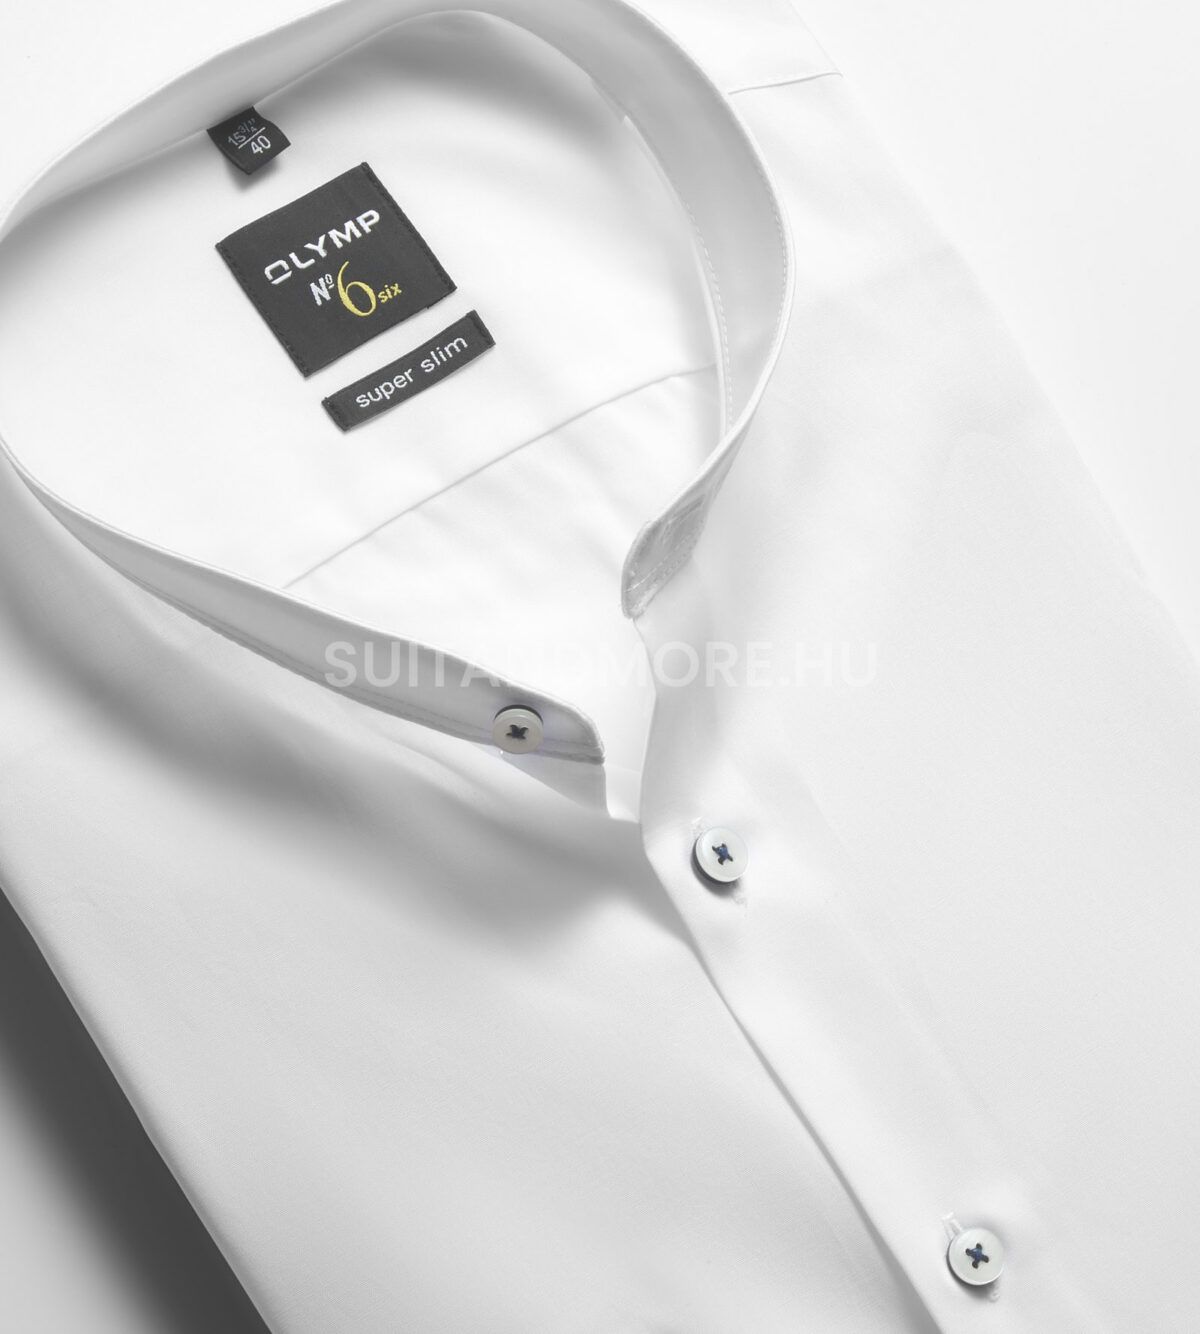 OLYMP-fehér-extra-slim-fit-vasaláskönnyített-ing-2556-34-00-02